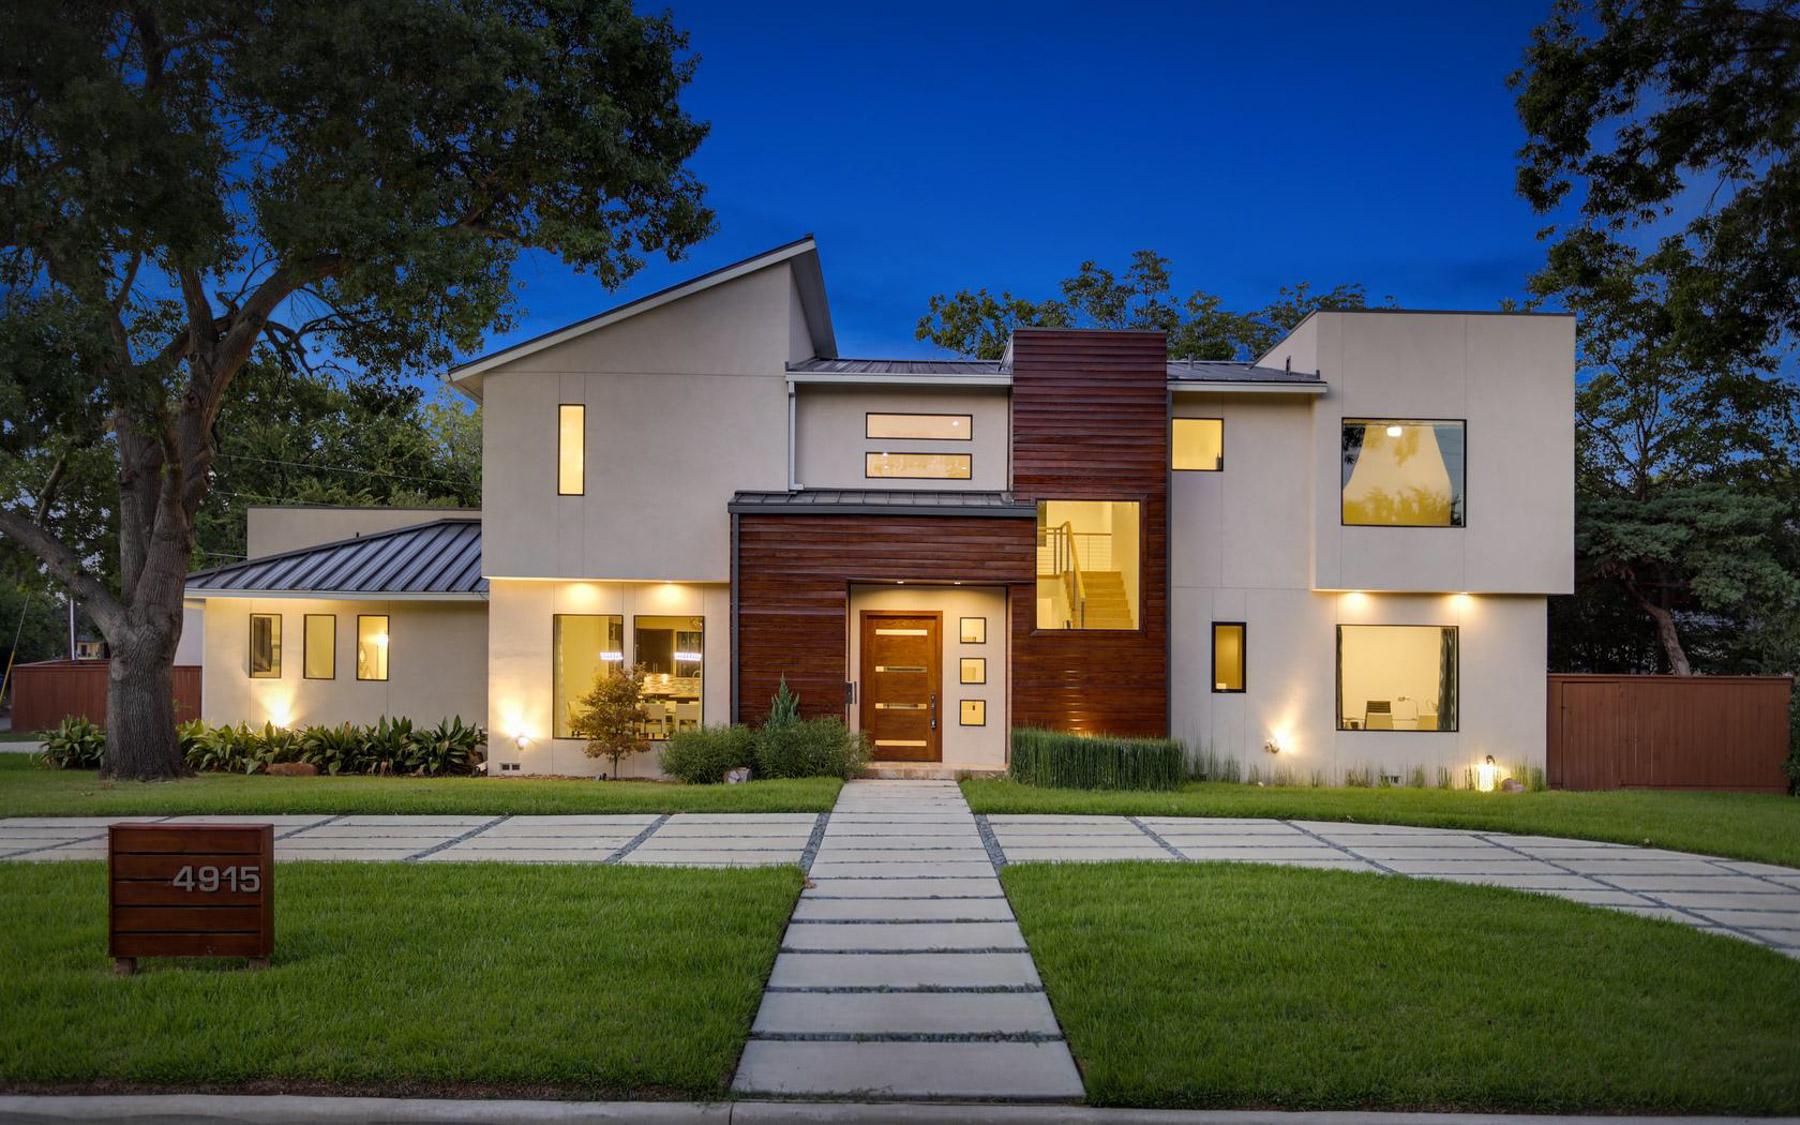 Moradia para Venda às 4915 Nashwood Lane, Dallas 4915 Nashwood Ln Dallas, Texas, 75244 Estados Unidos